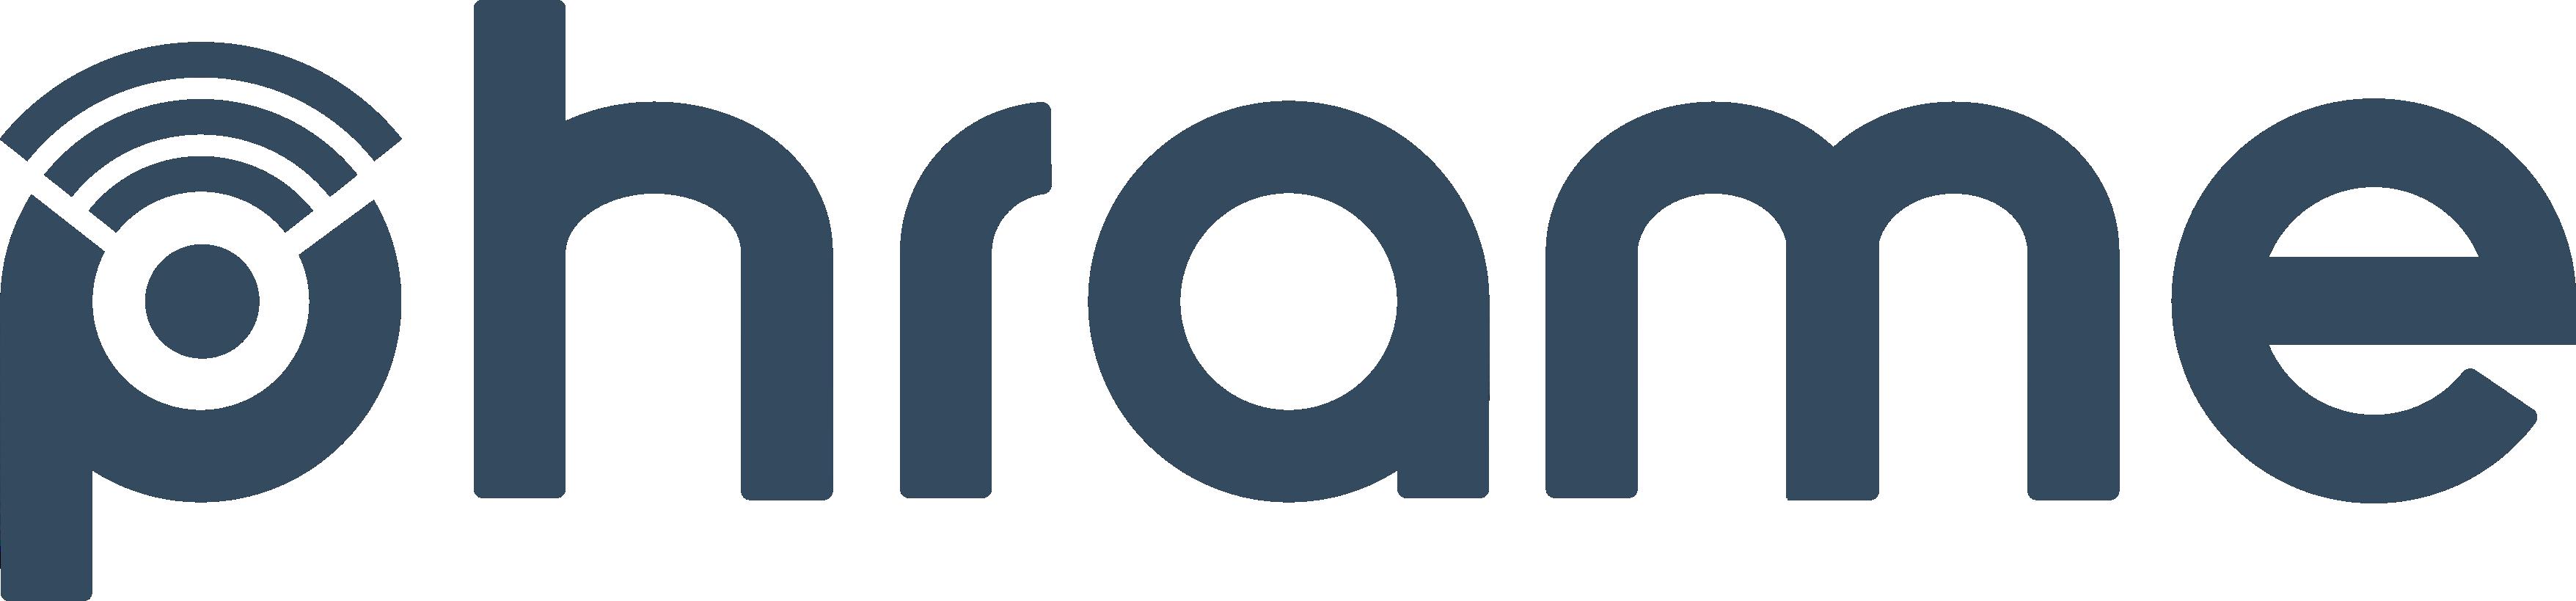 Phrame logo